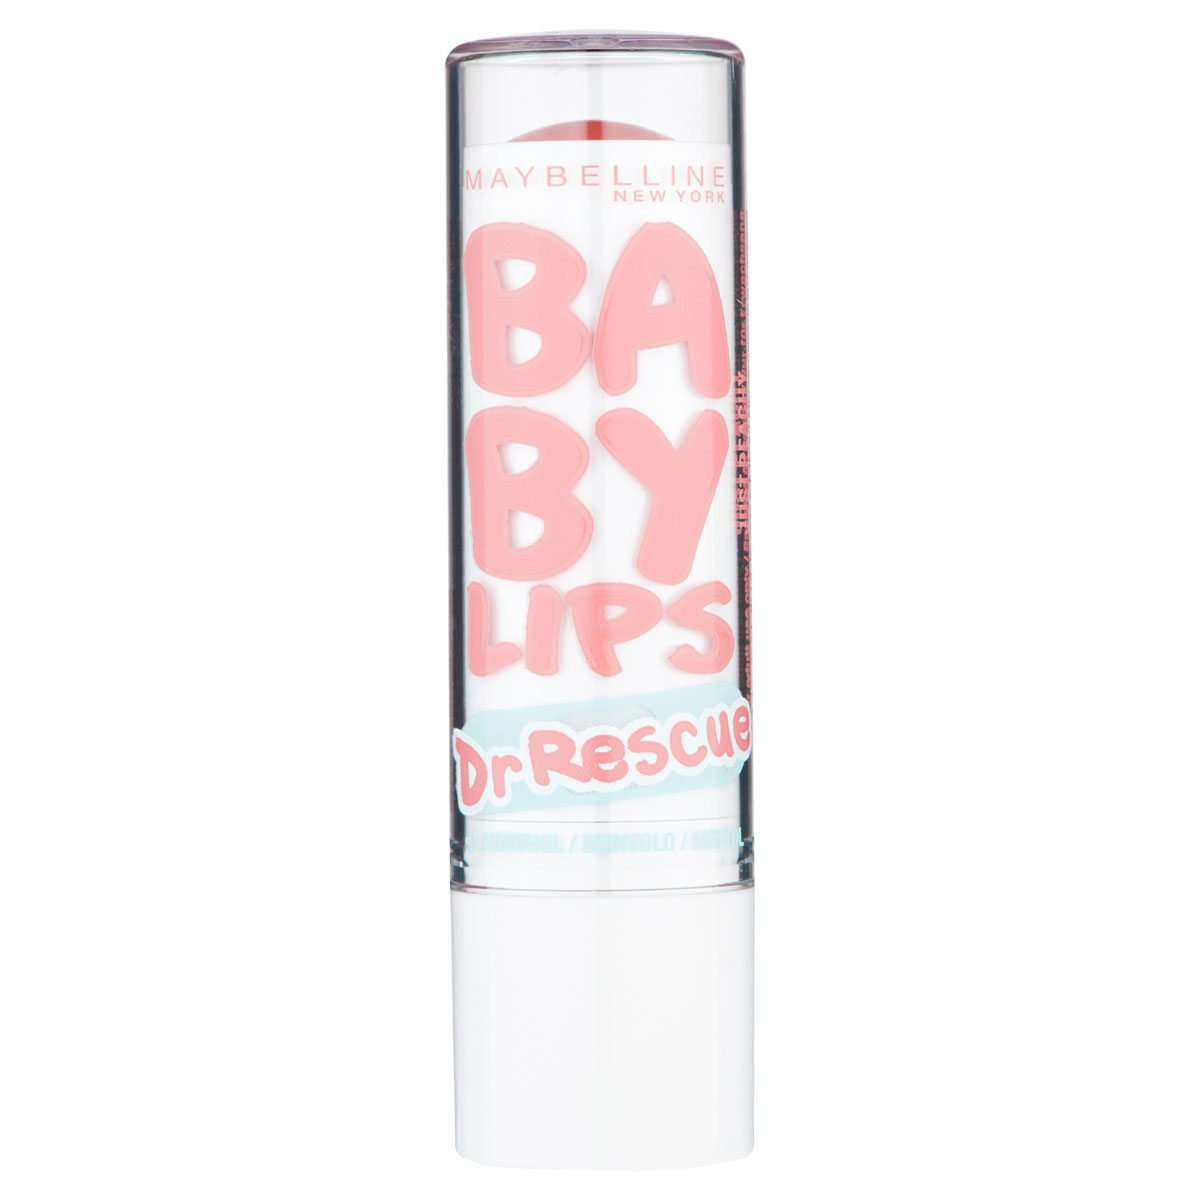 Maybelline New York Бальзам для губ Baby Lips, Доктор Рескью, восстанавливающий и увлажняющий, Эвкалипт, 1,78 млFS-36054Бейби Липс Доктор Рескью Эвкалипт максимально увлажняет губы. Результат виден уже через 60 секунд после нанесения!